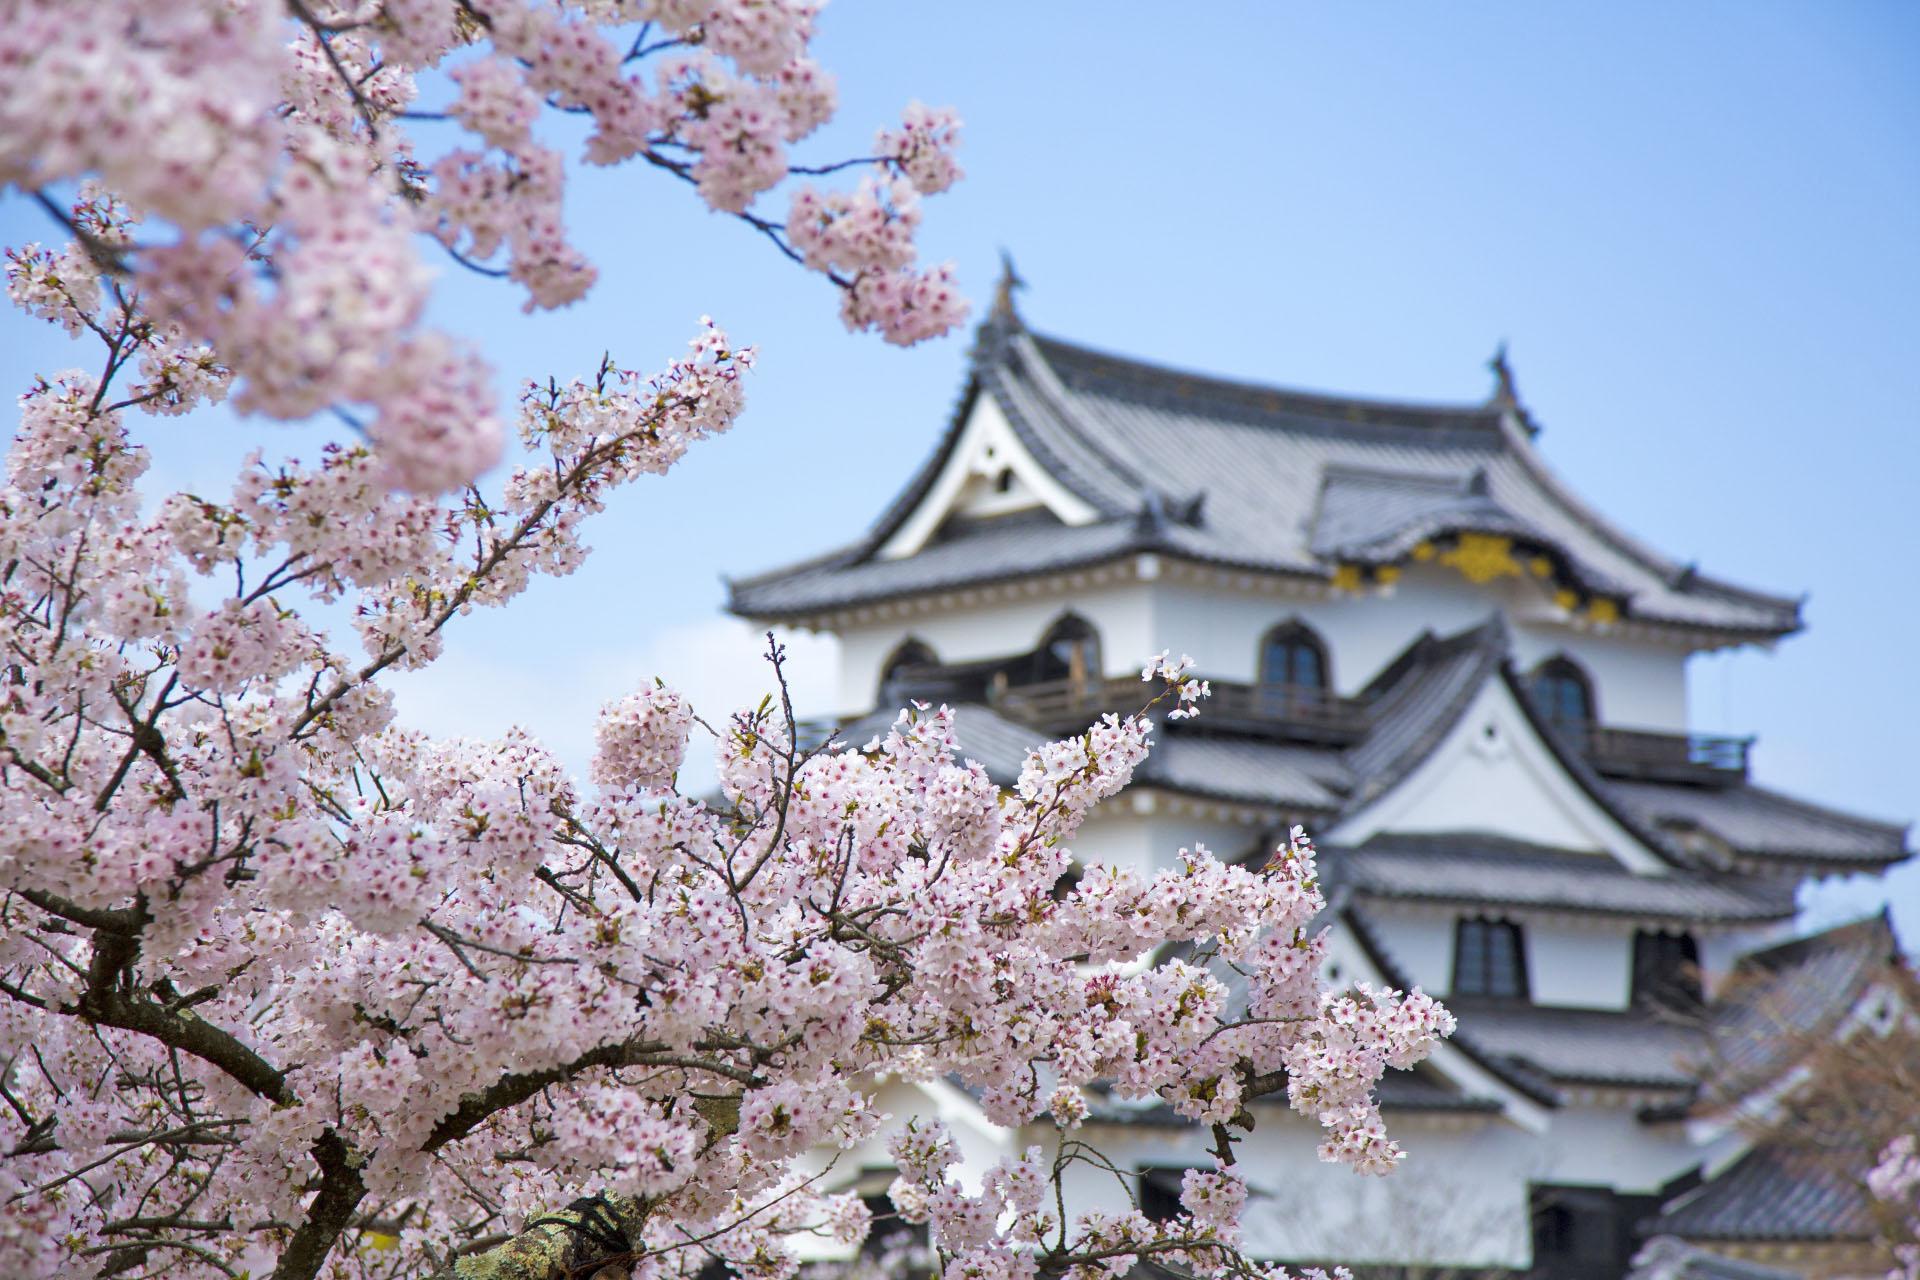 桜と彦根城 滋賀の風景